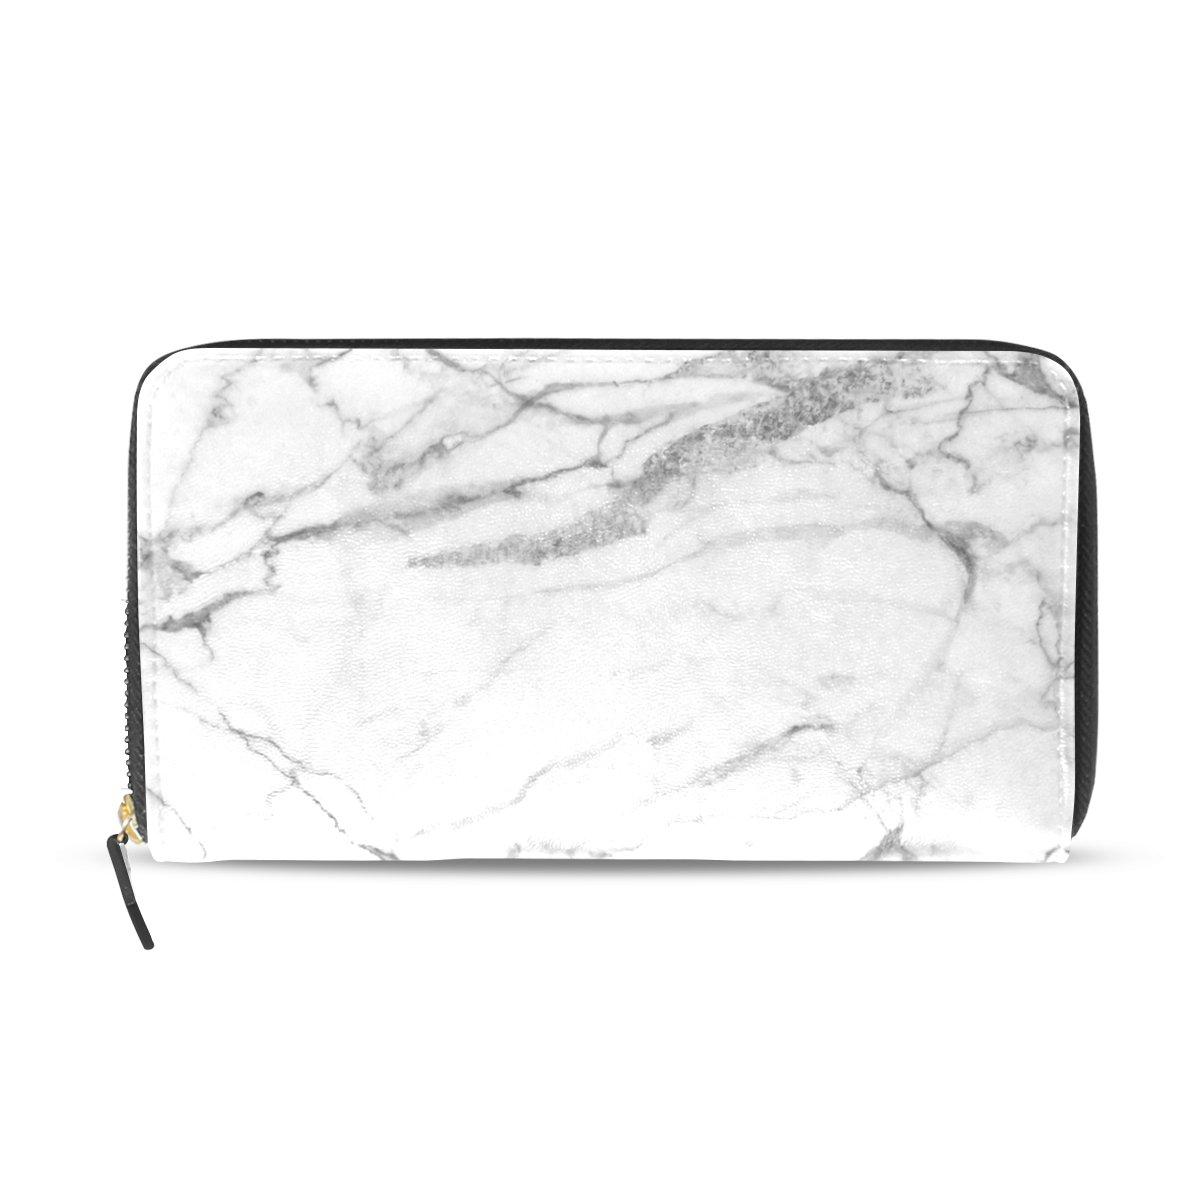 Womens Zipper Wallet Marble Pattern Clutch Purse Card Holder Bag